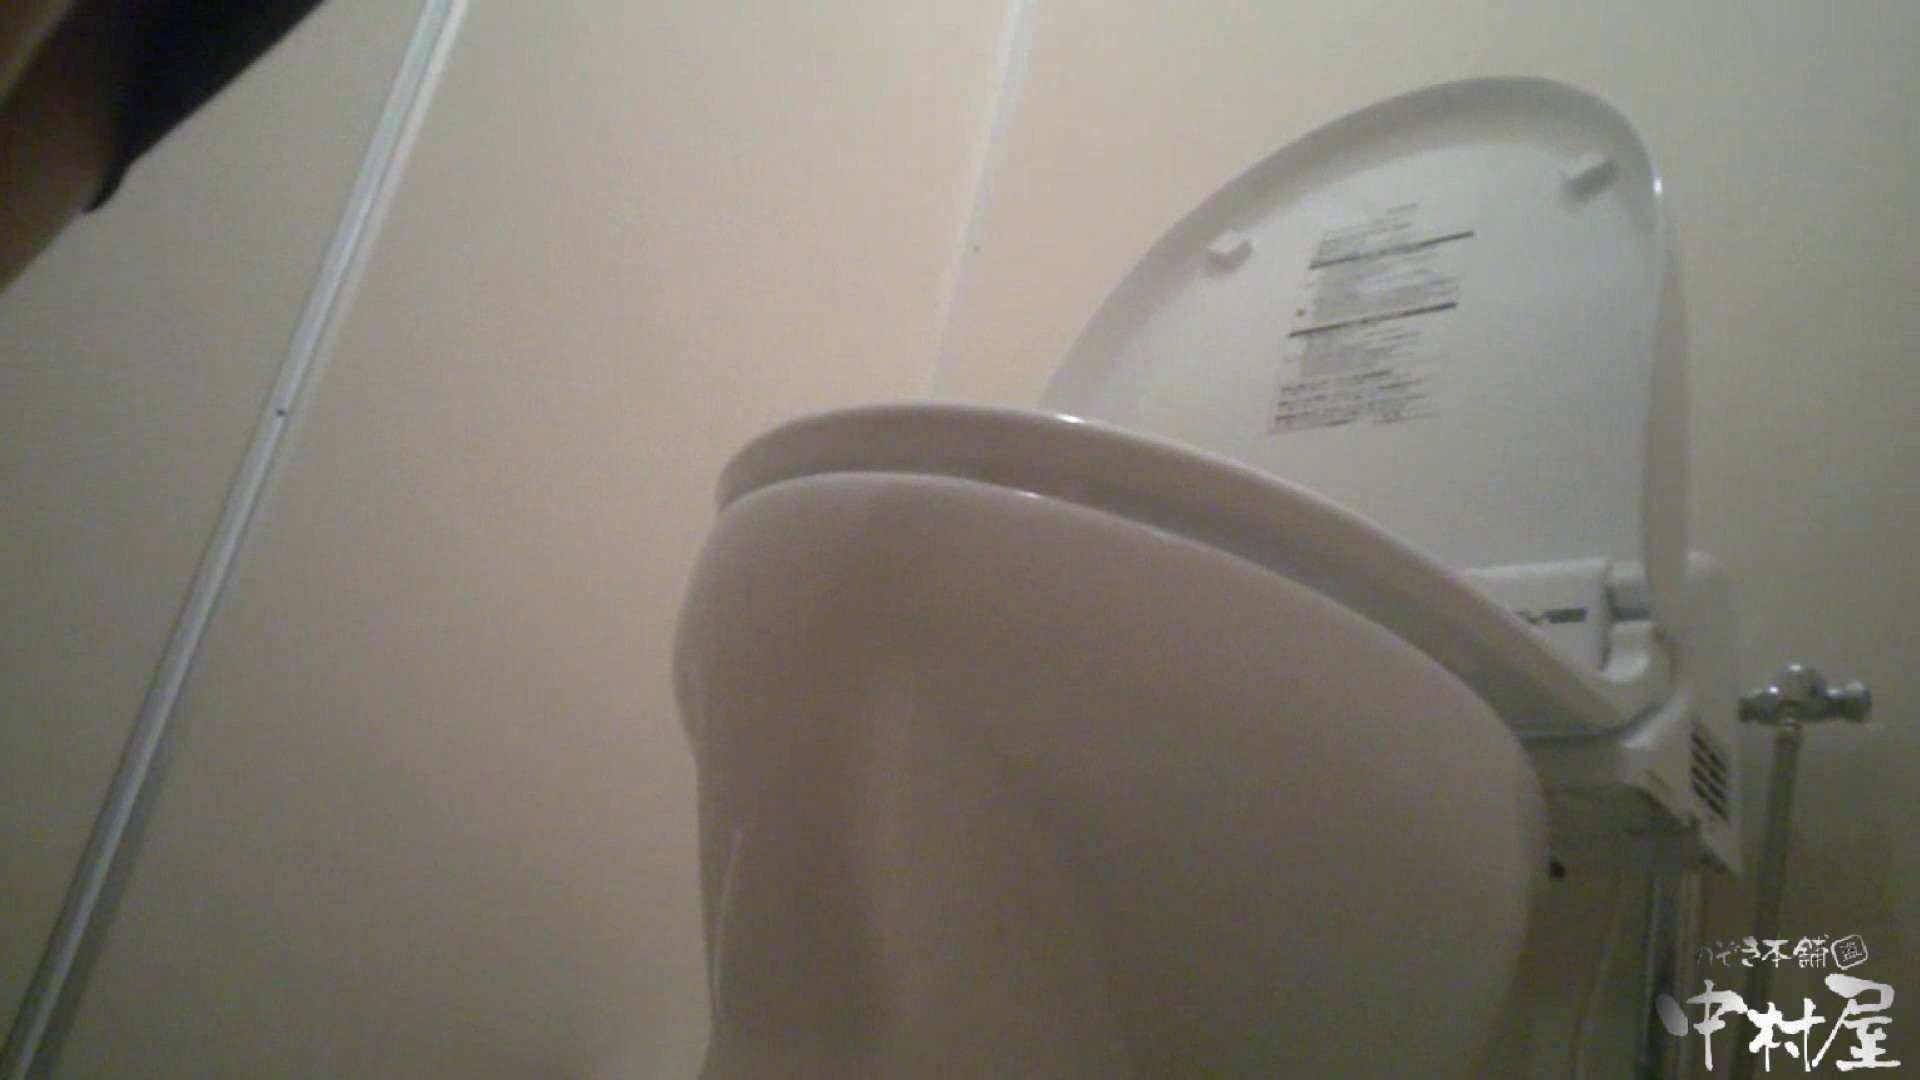 【某有名大学女性洗面所】有名大学女性洗面所 vol.43 いつみても神秘的な世界です。 0  105pic 94